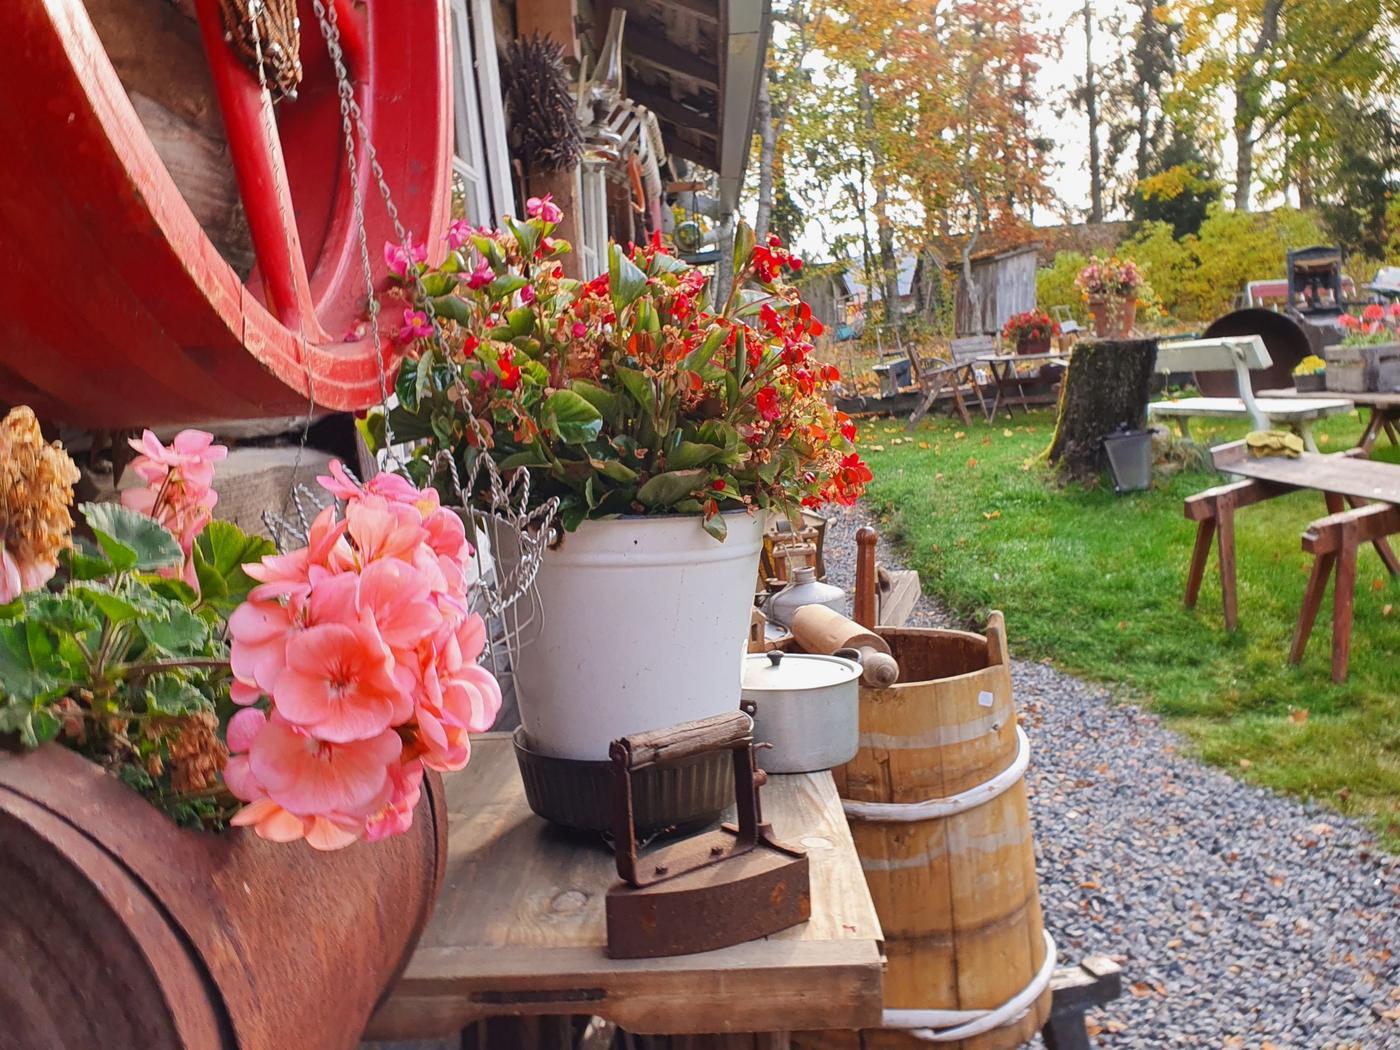 Blommor och vagnshjul.